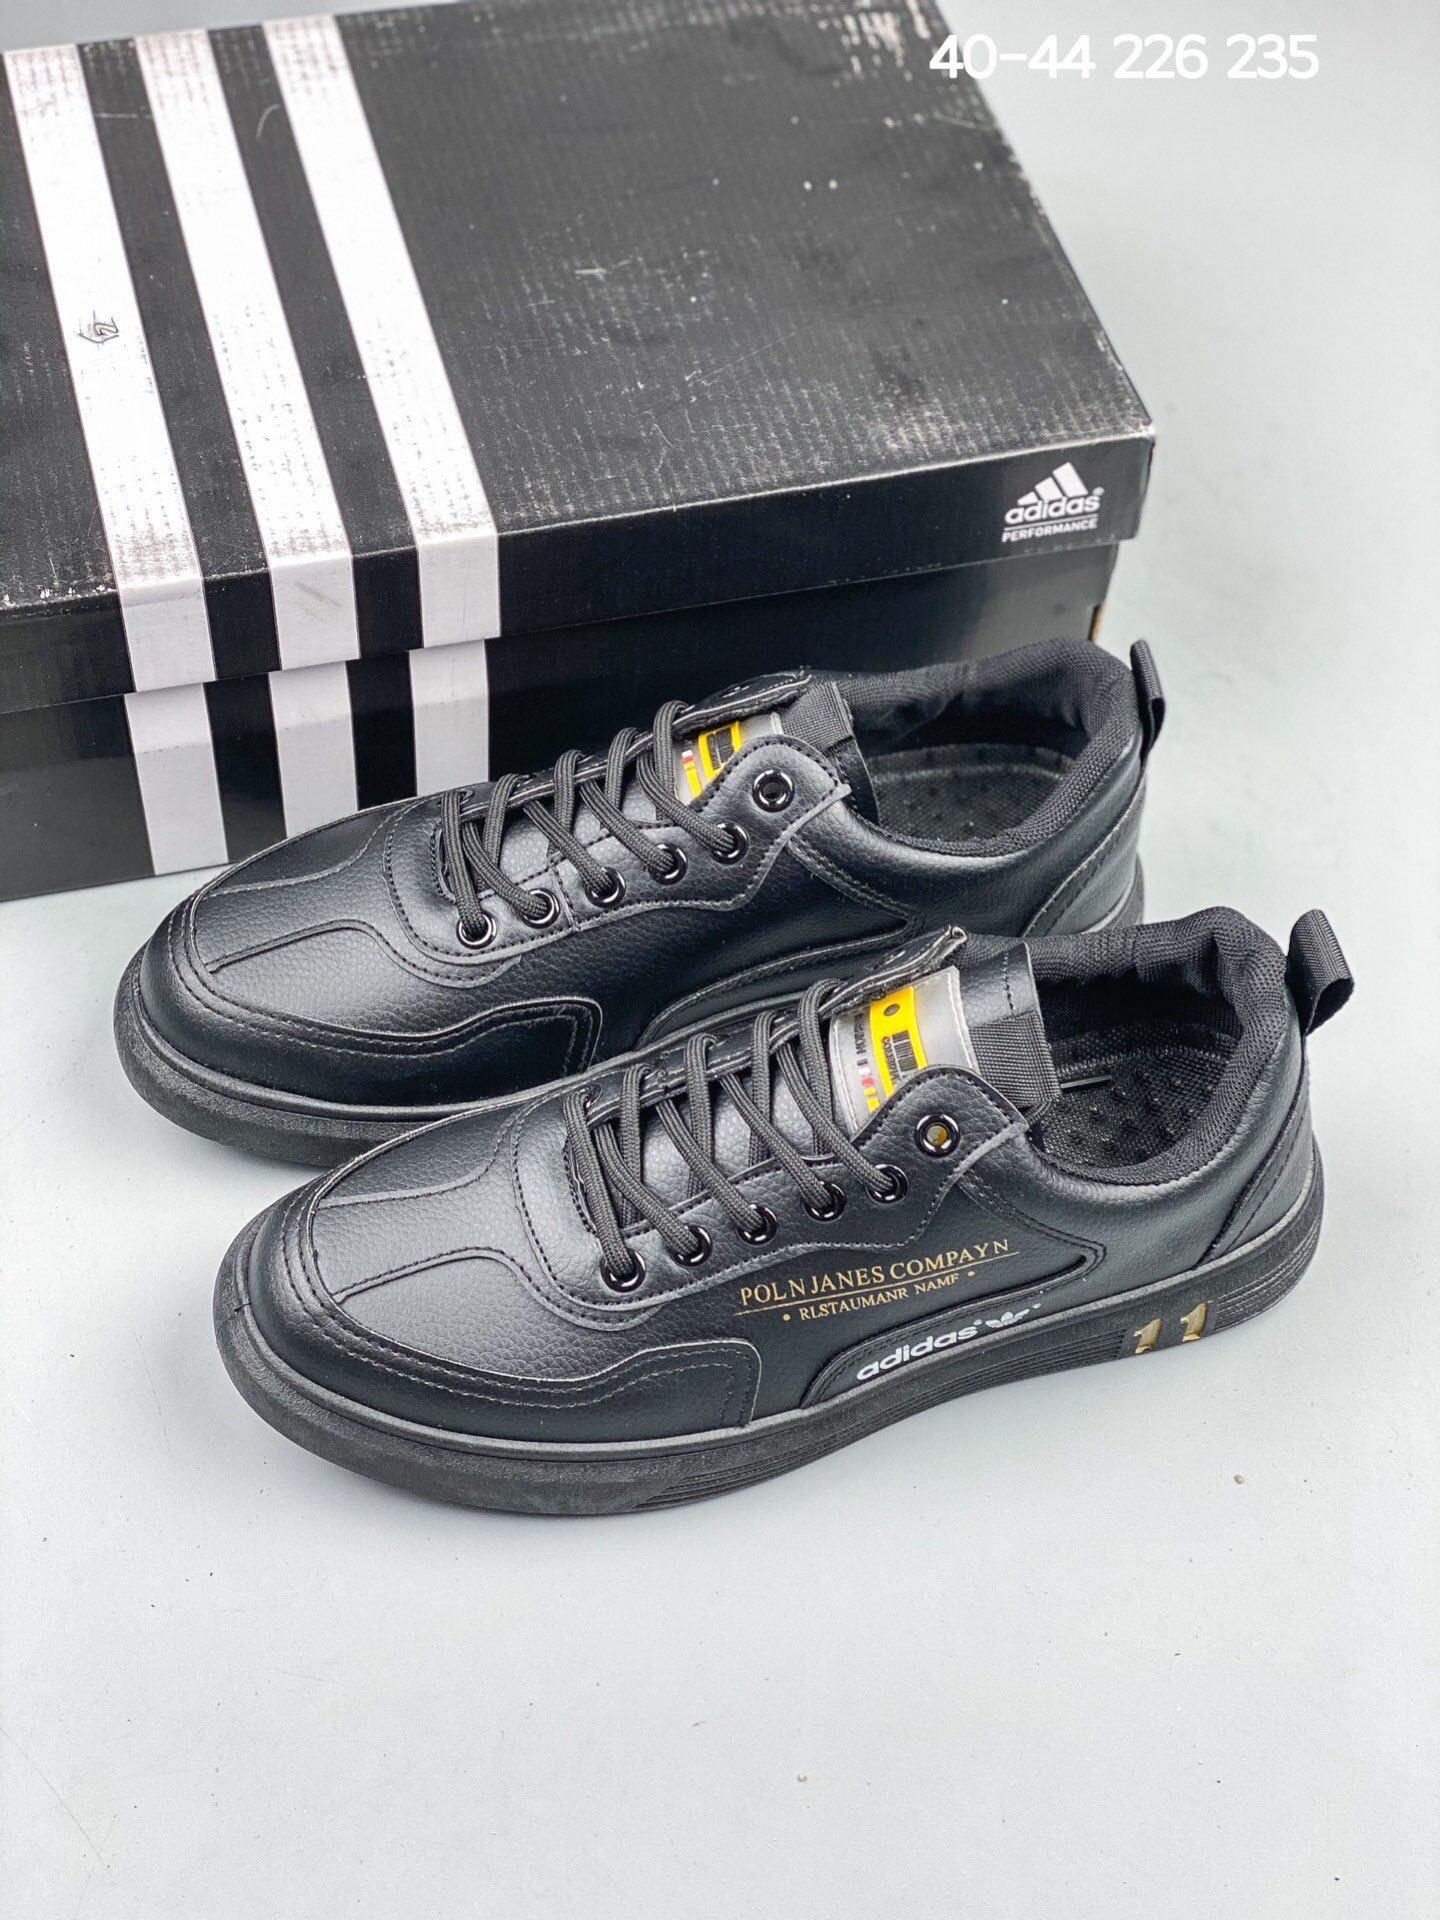 90162莆田鞋阿迪达斯 Adidas Shoes 潮鞋休闲慢跑鞋